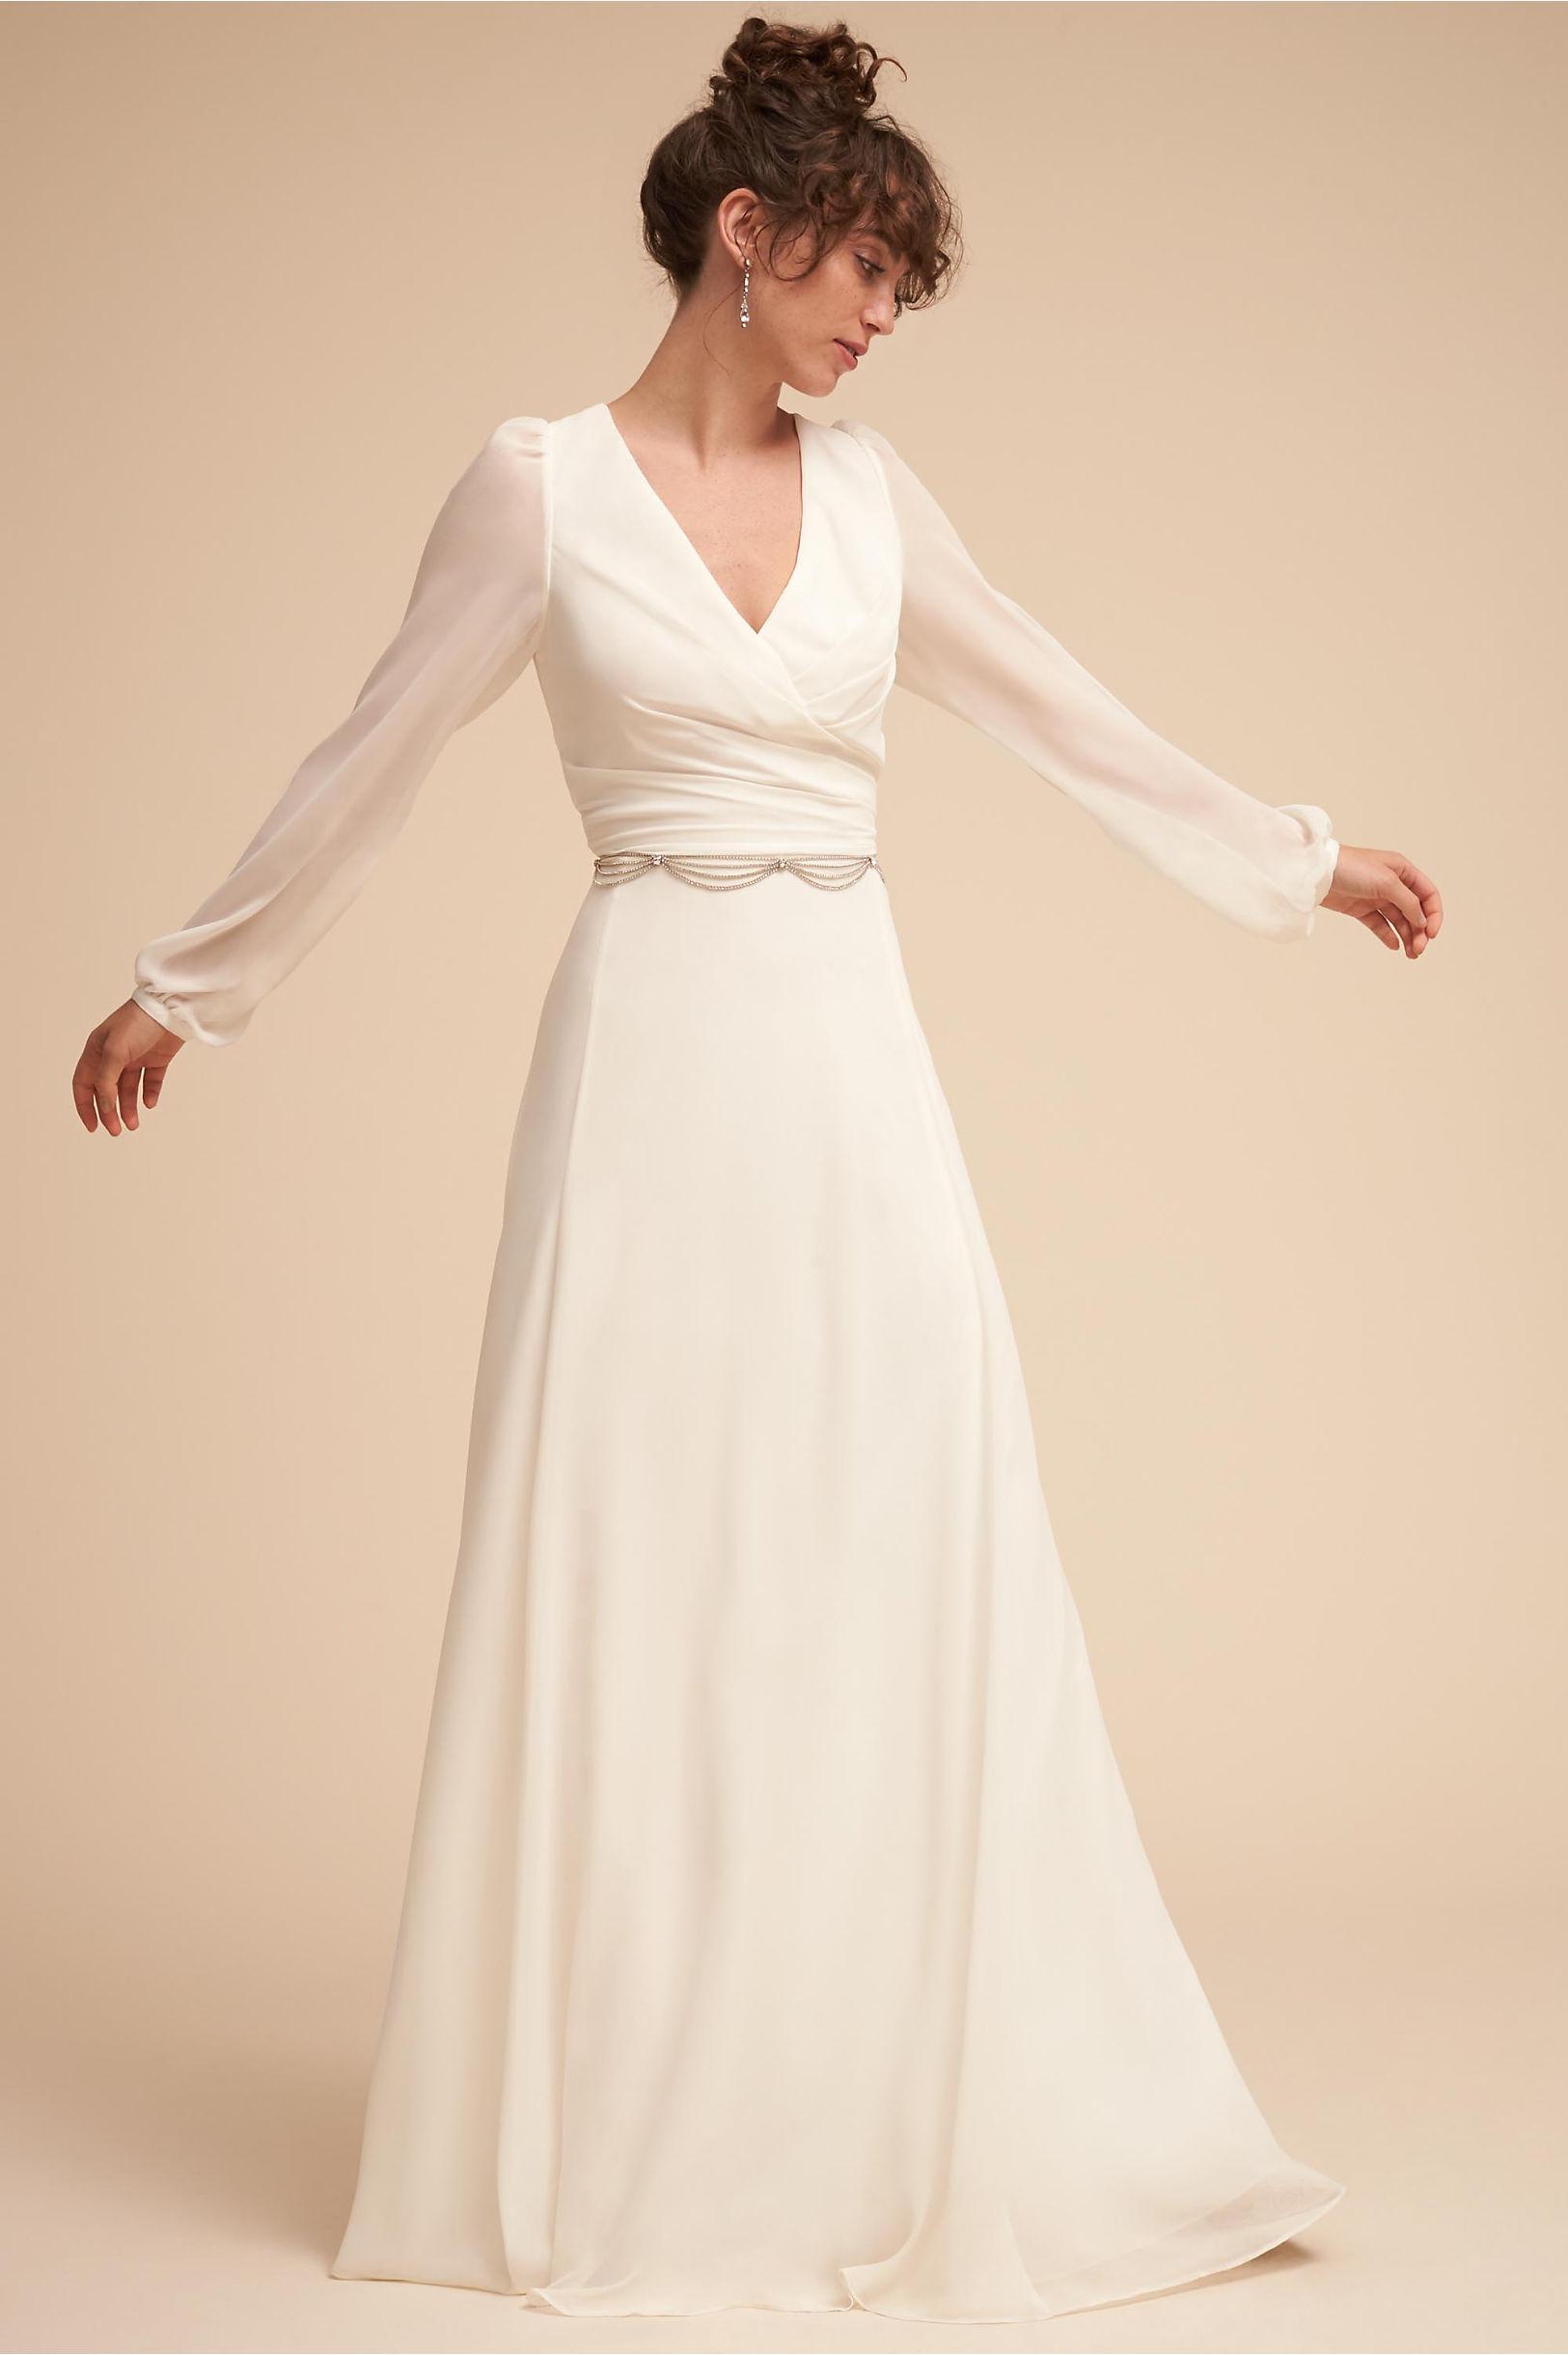 لباس عروس ساده  لباس عروس ایرانی جدید  لباس عروس دانتل  مدل لباس عروس پرنسسی  لباس عروس اروپایی 2018  لباس عروس ترک 2018  مدل لباس عروس گیپور  لباس عروس 2018  مدل لباس عروس جدید در تهران